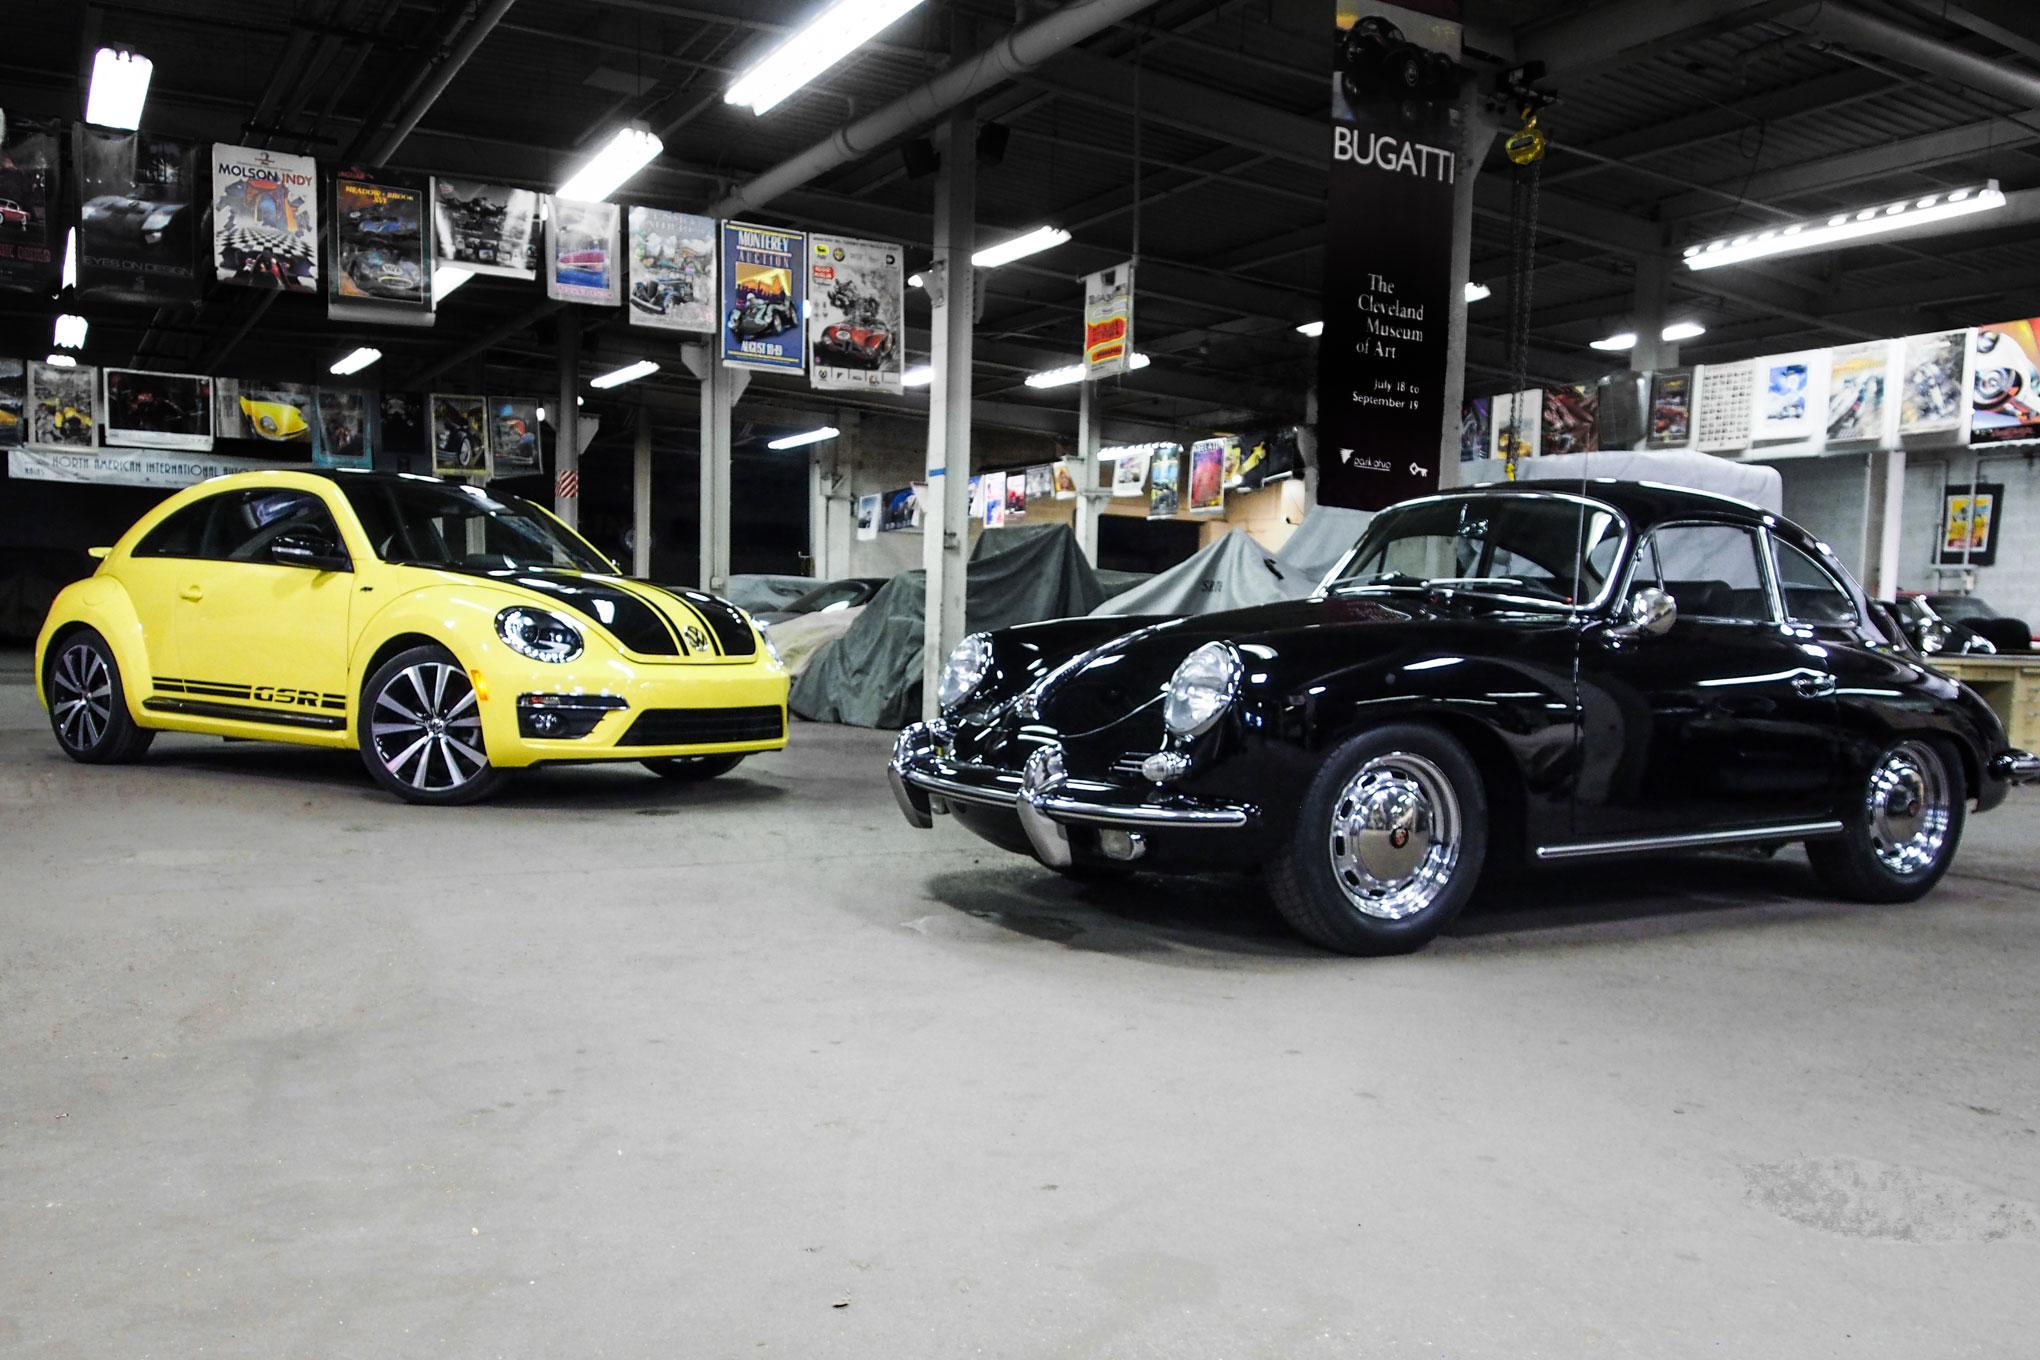 2014 Volkswagen Beetle GSR And 1964 Porsche 356SC1